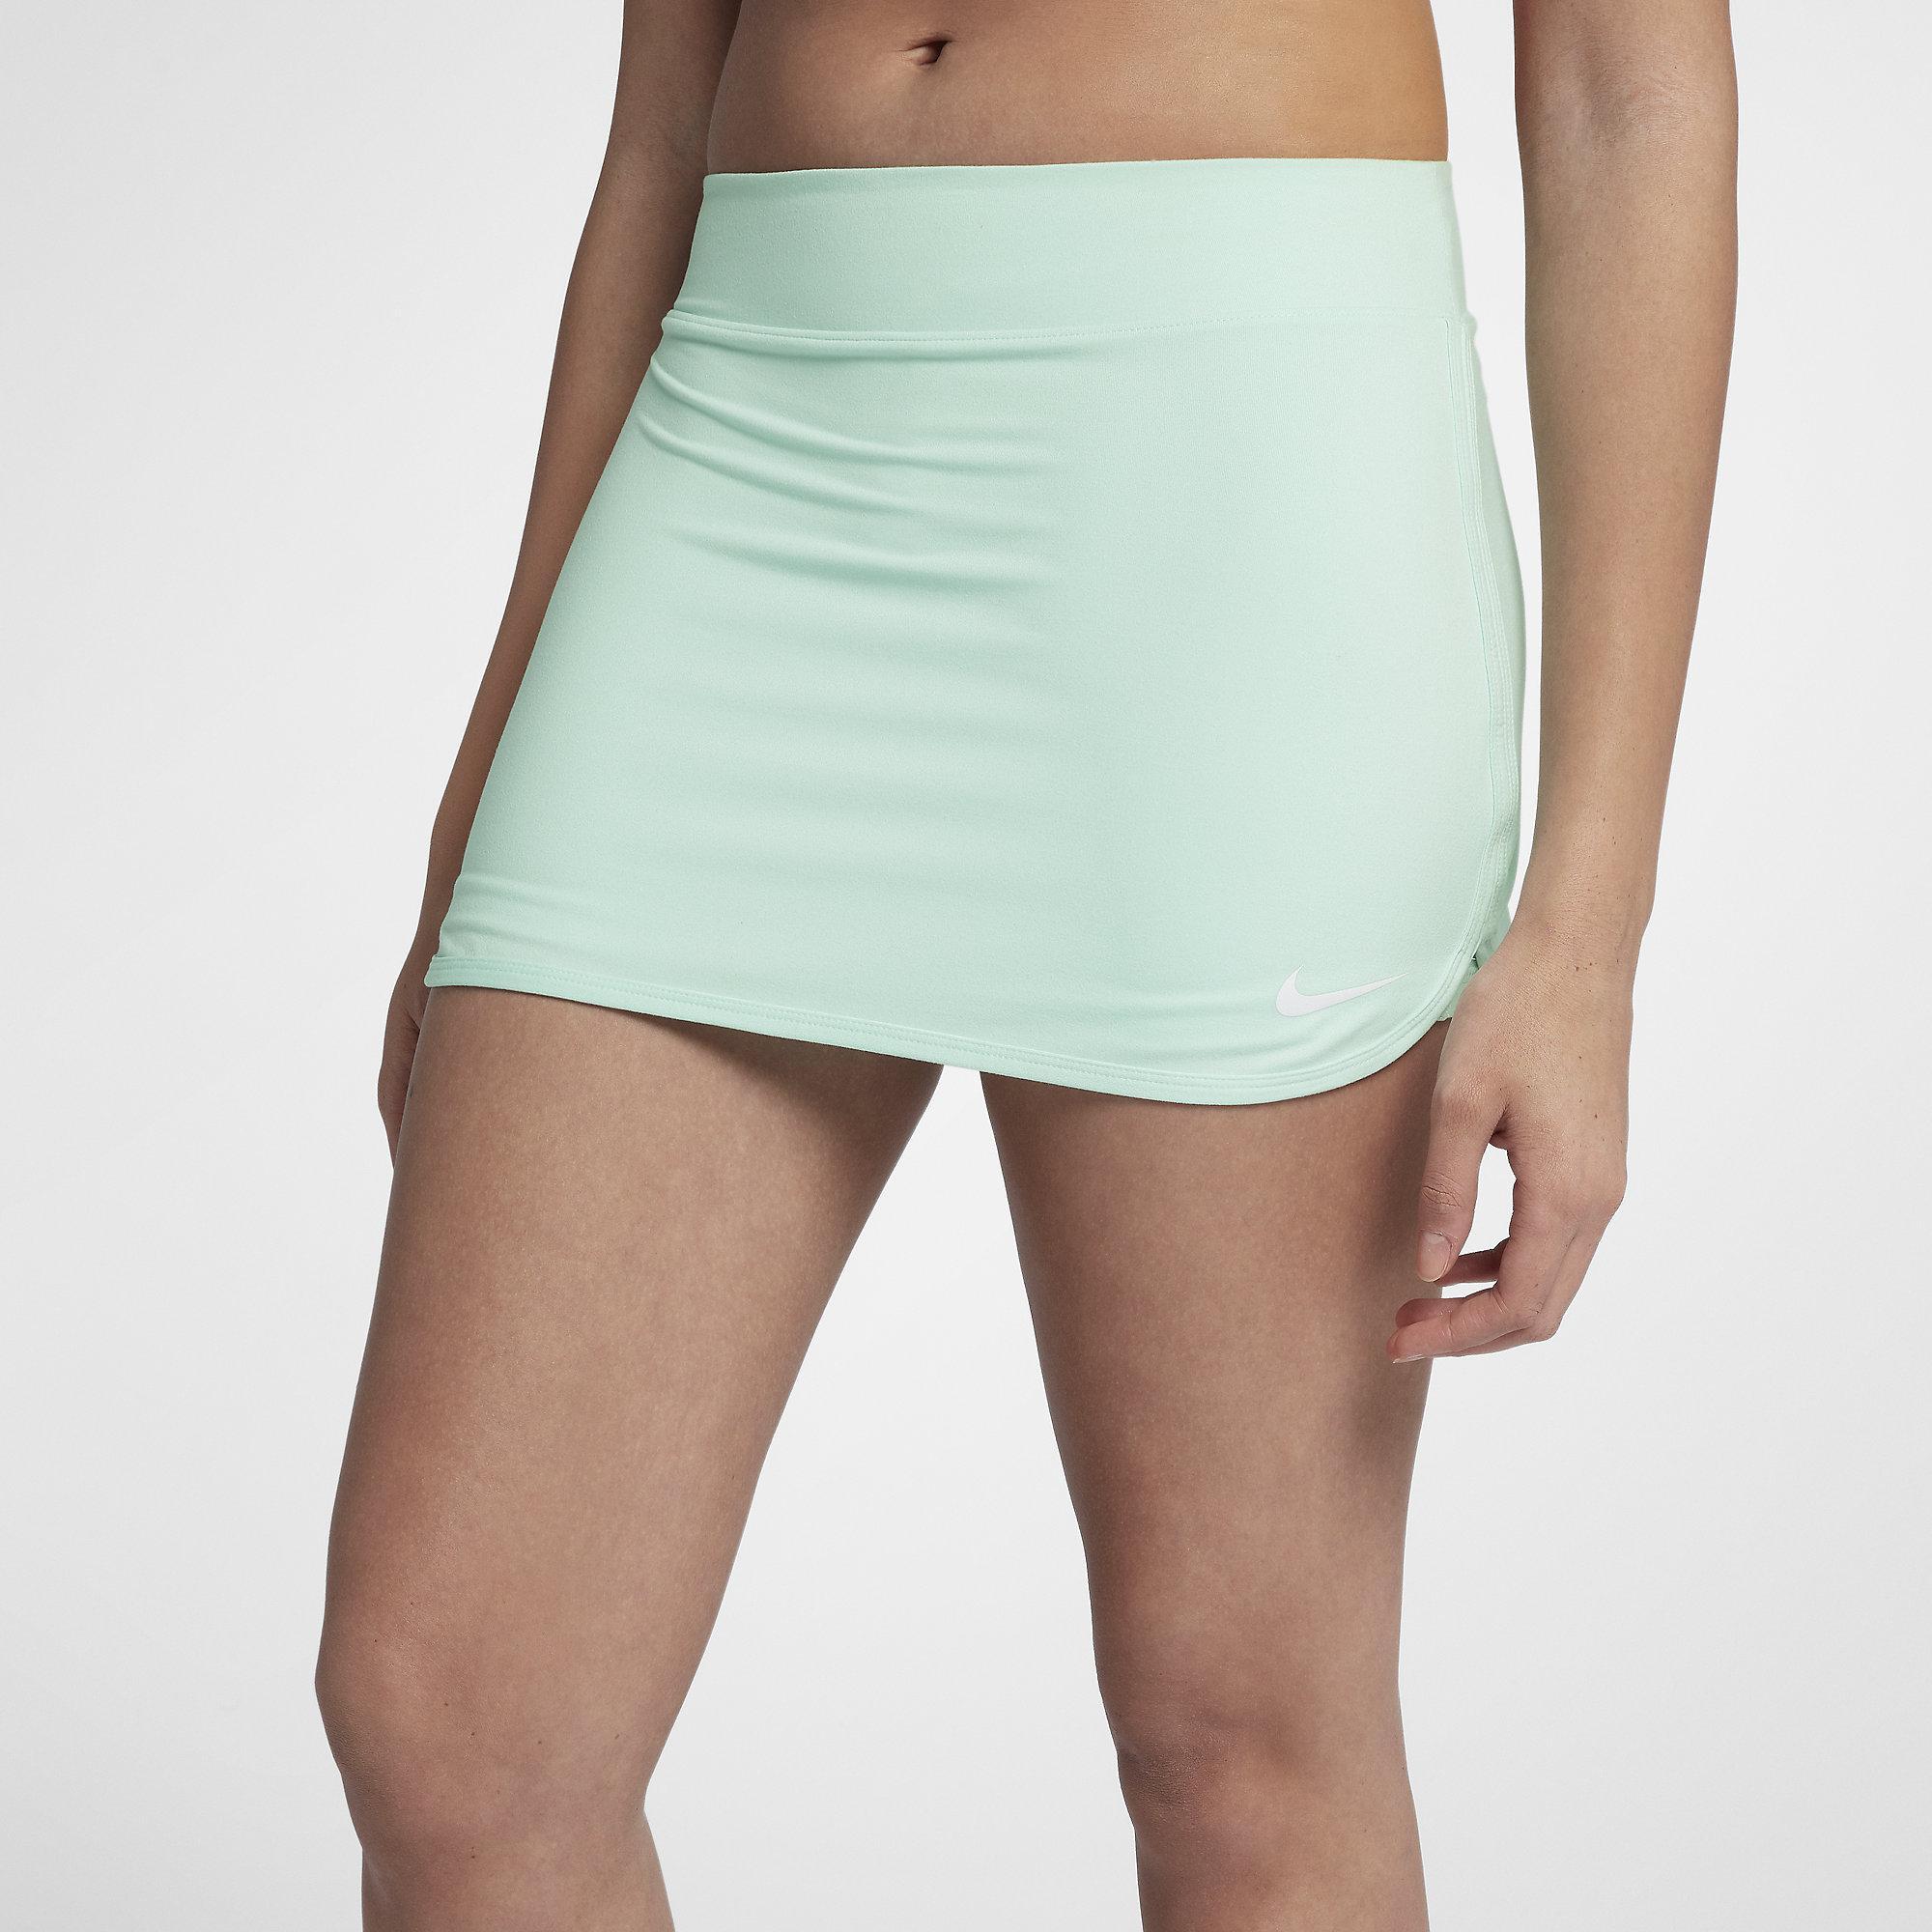 info for ed0db 7307c Nike Womens Pure Skort - Igloo